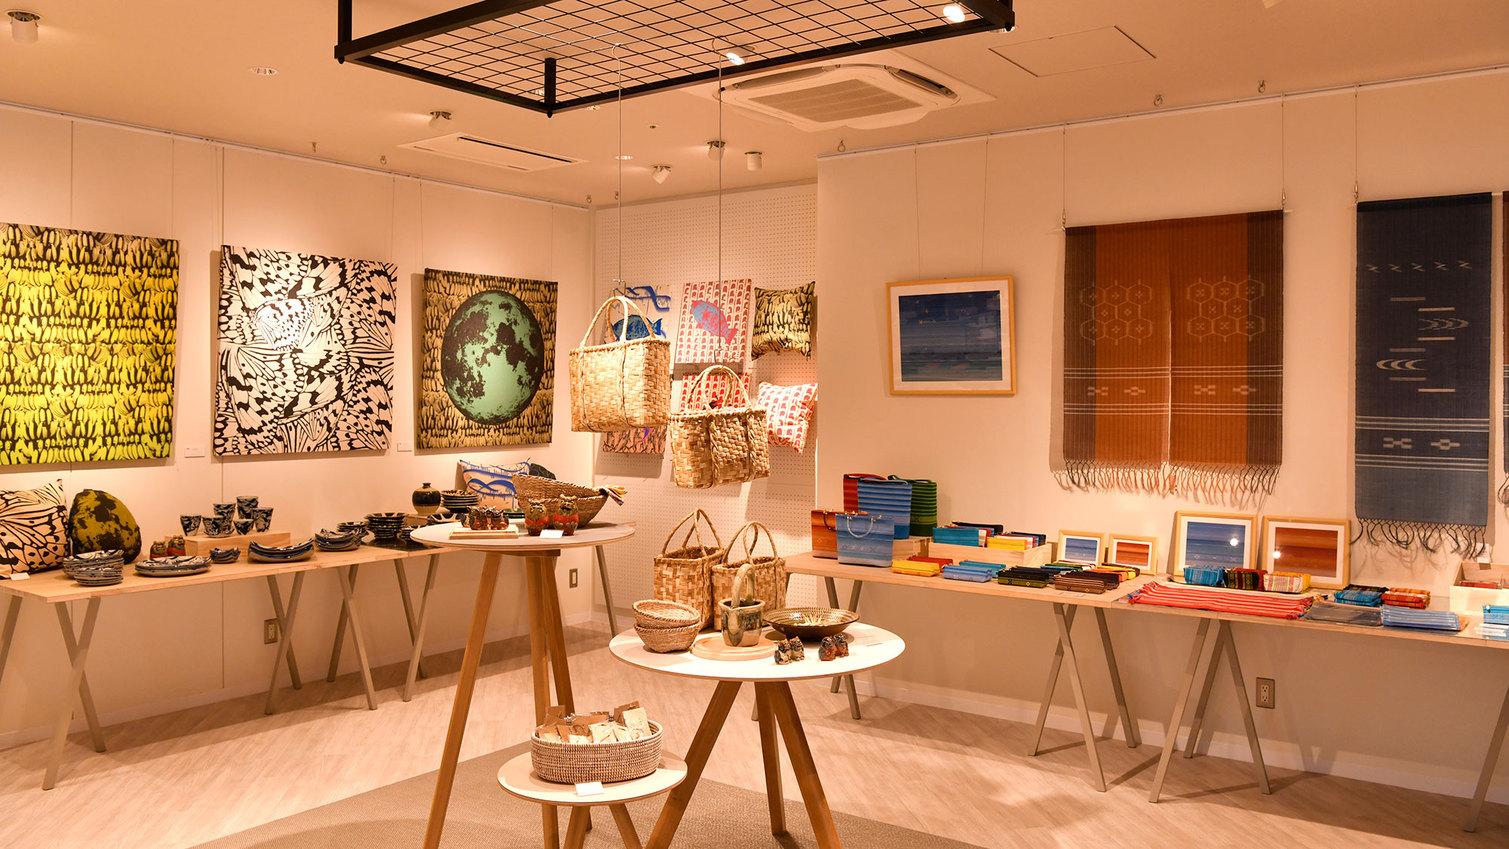 【RESORT SHOP  MARKET】石垣島・八重山諸島で活躍するクリエイターの作品を展示販売